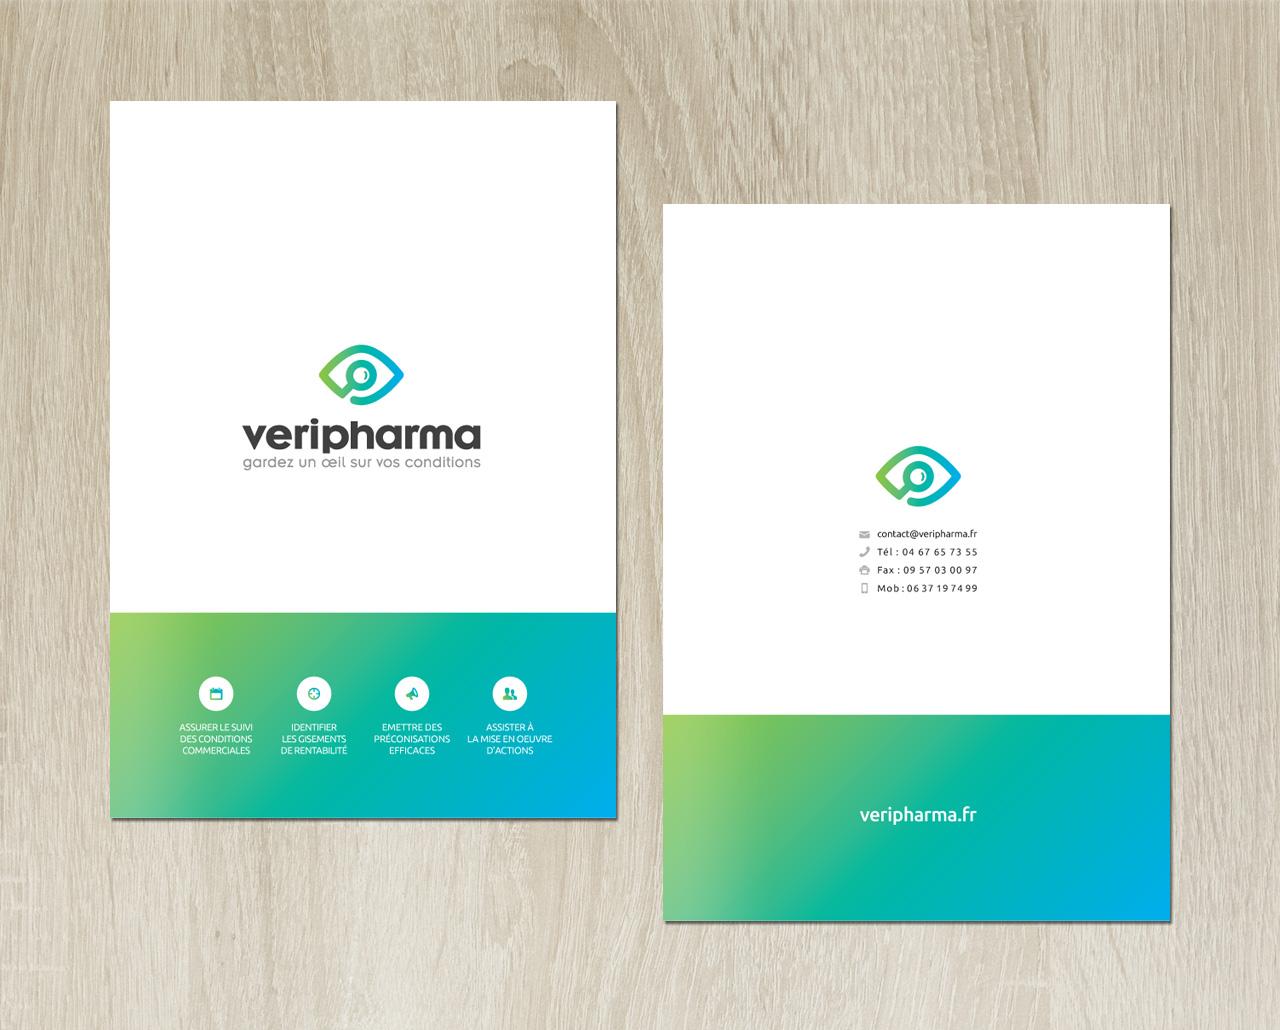 veripharma-plaquette-globale-couverture-creation-communication-caconcept-alexis-cretin-graphiste